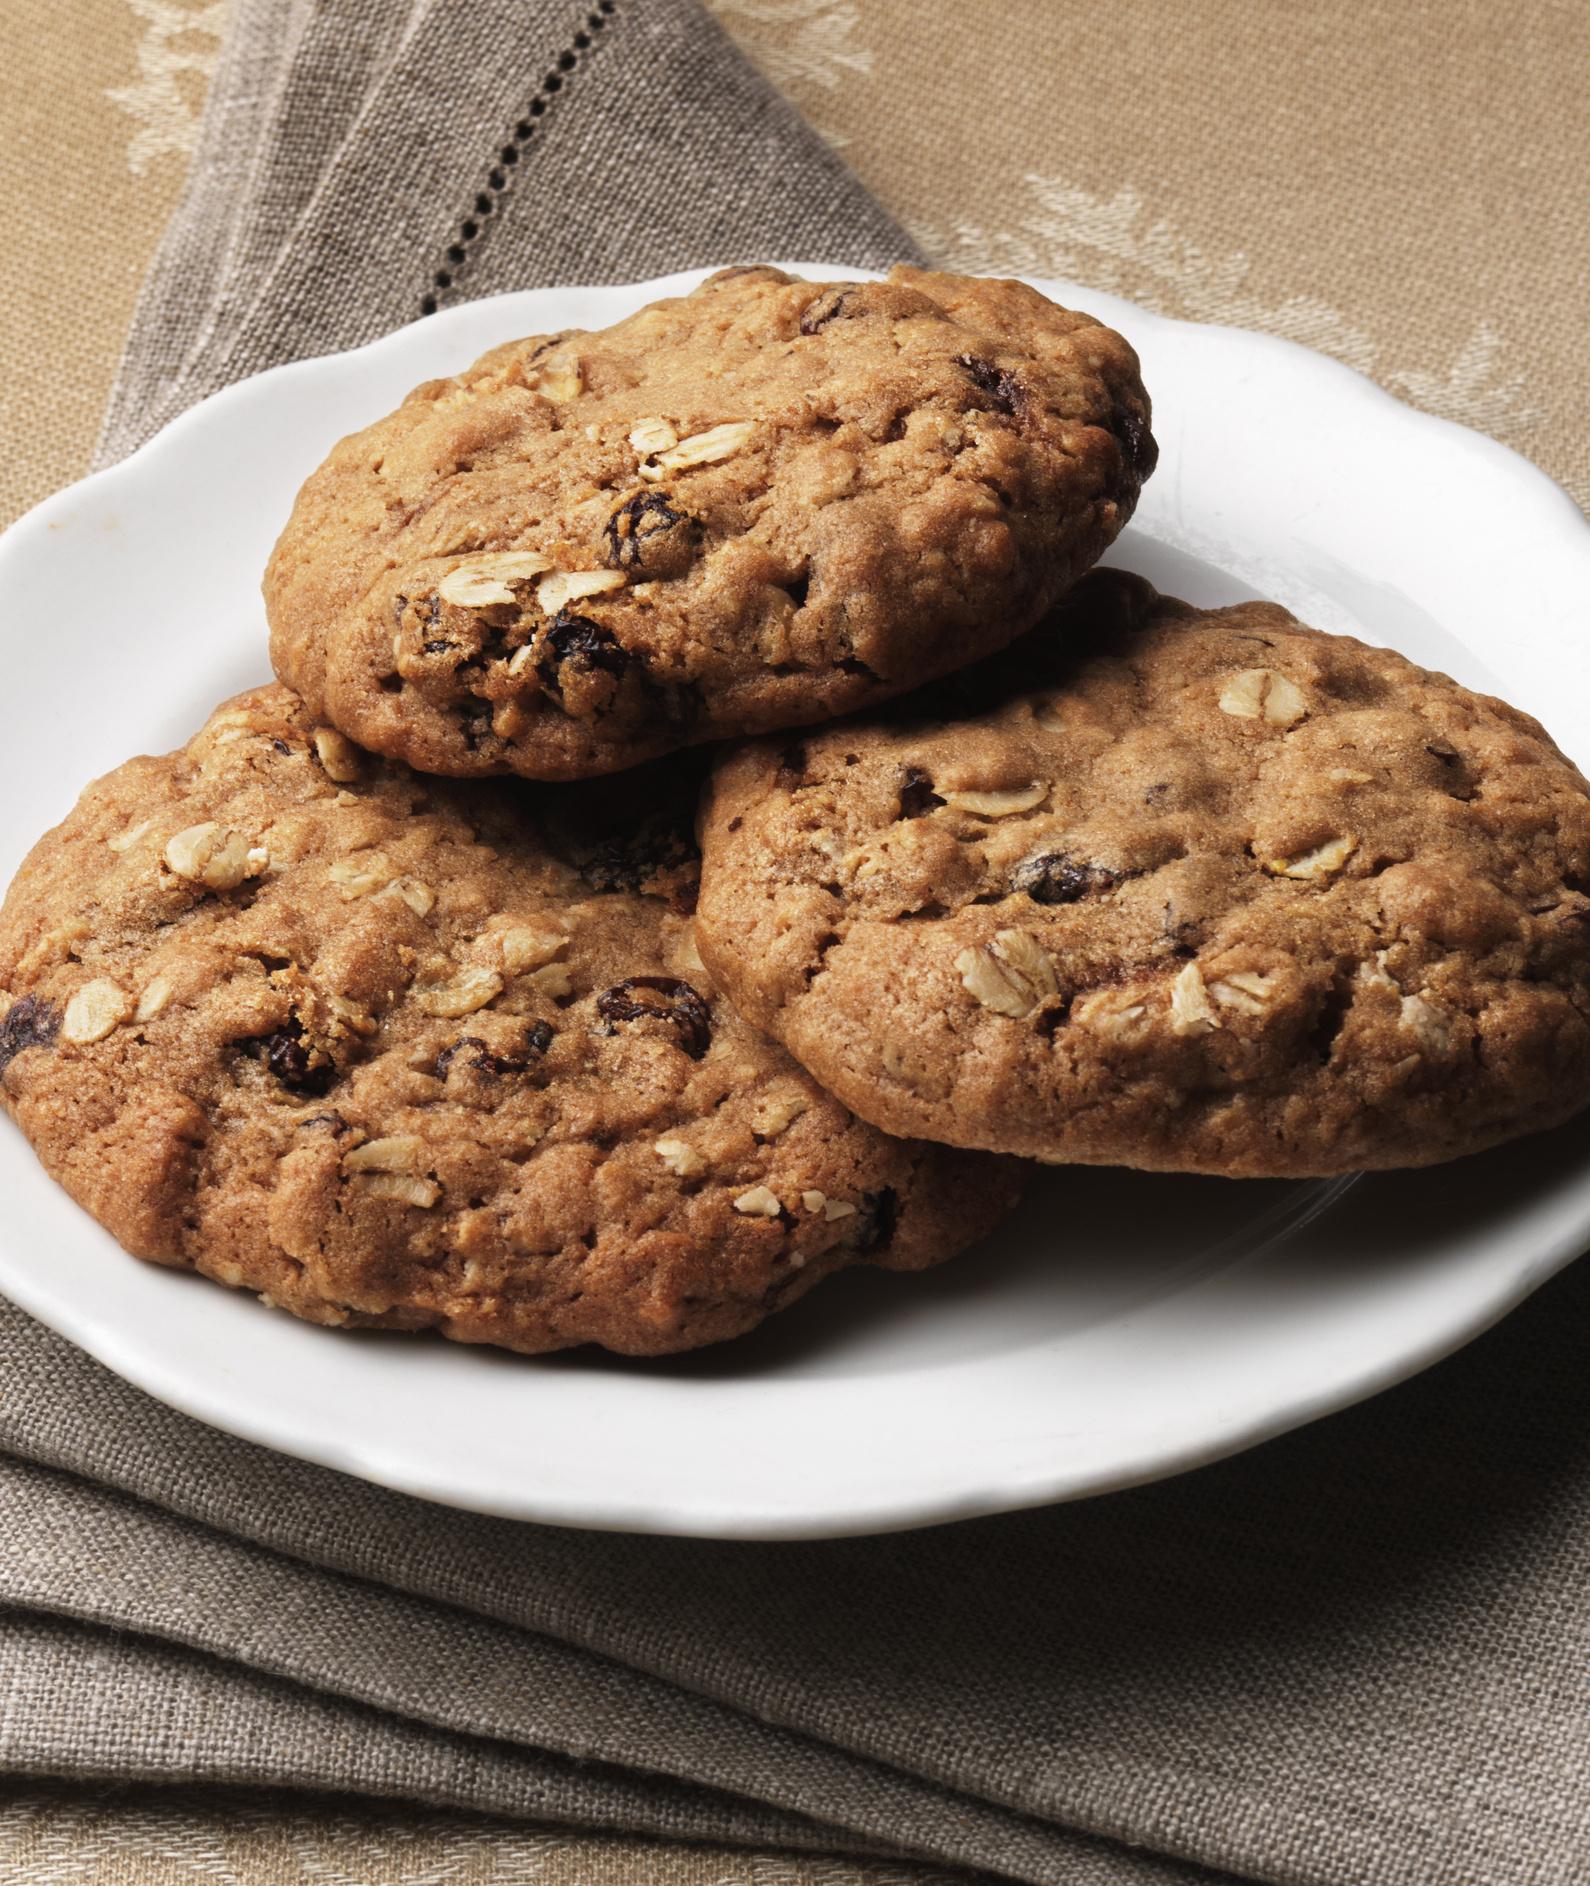 рецепт печенья со злаками в домашних условиях